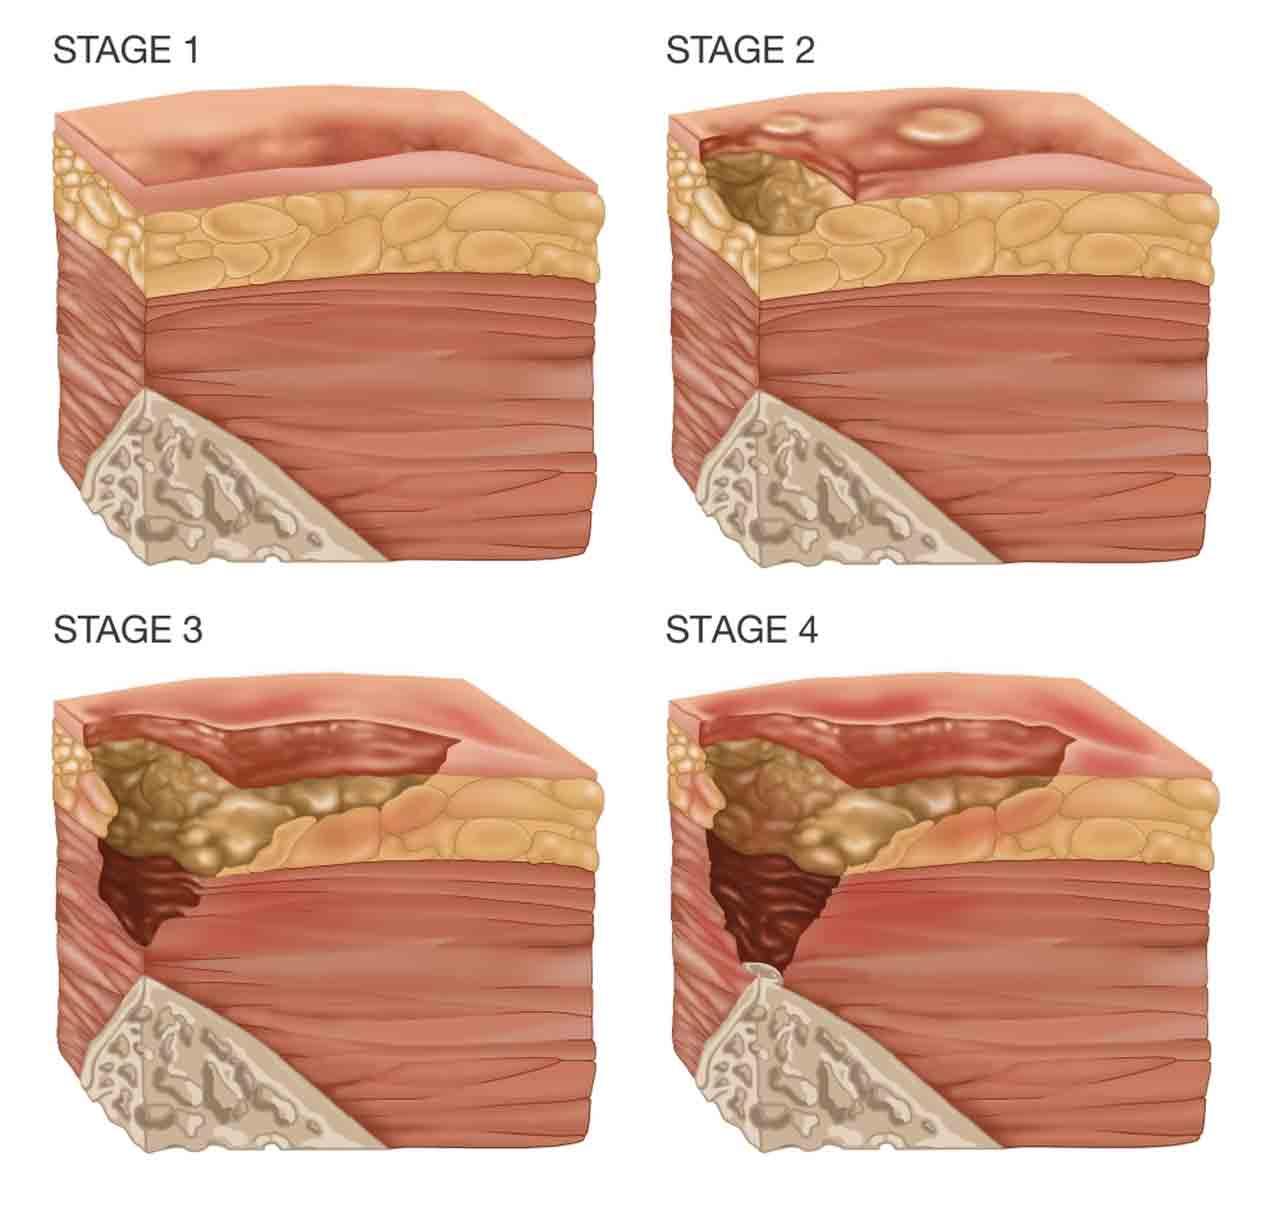 مراحل ایجاد زخم بستر | مرکز پارسیان مهرپرور